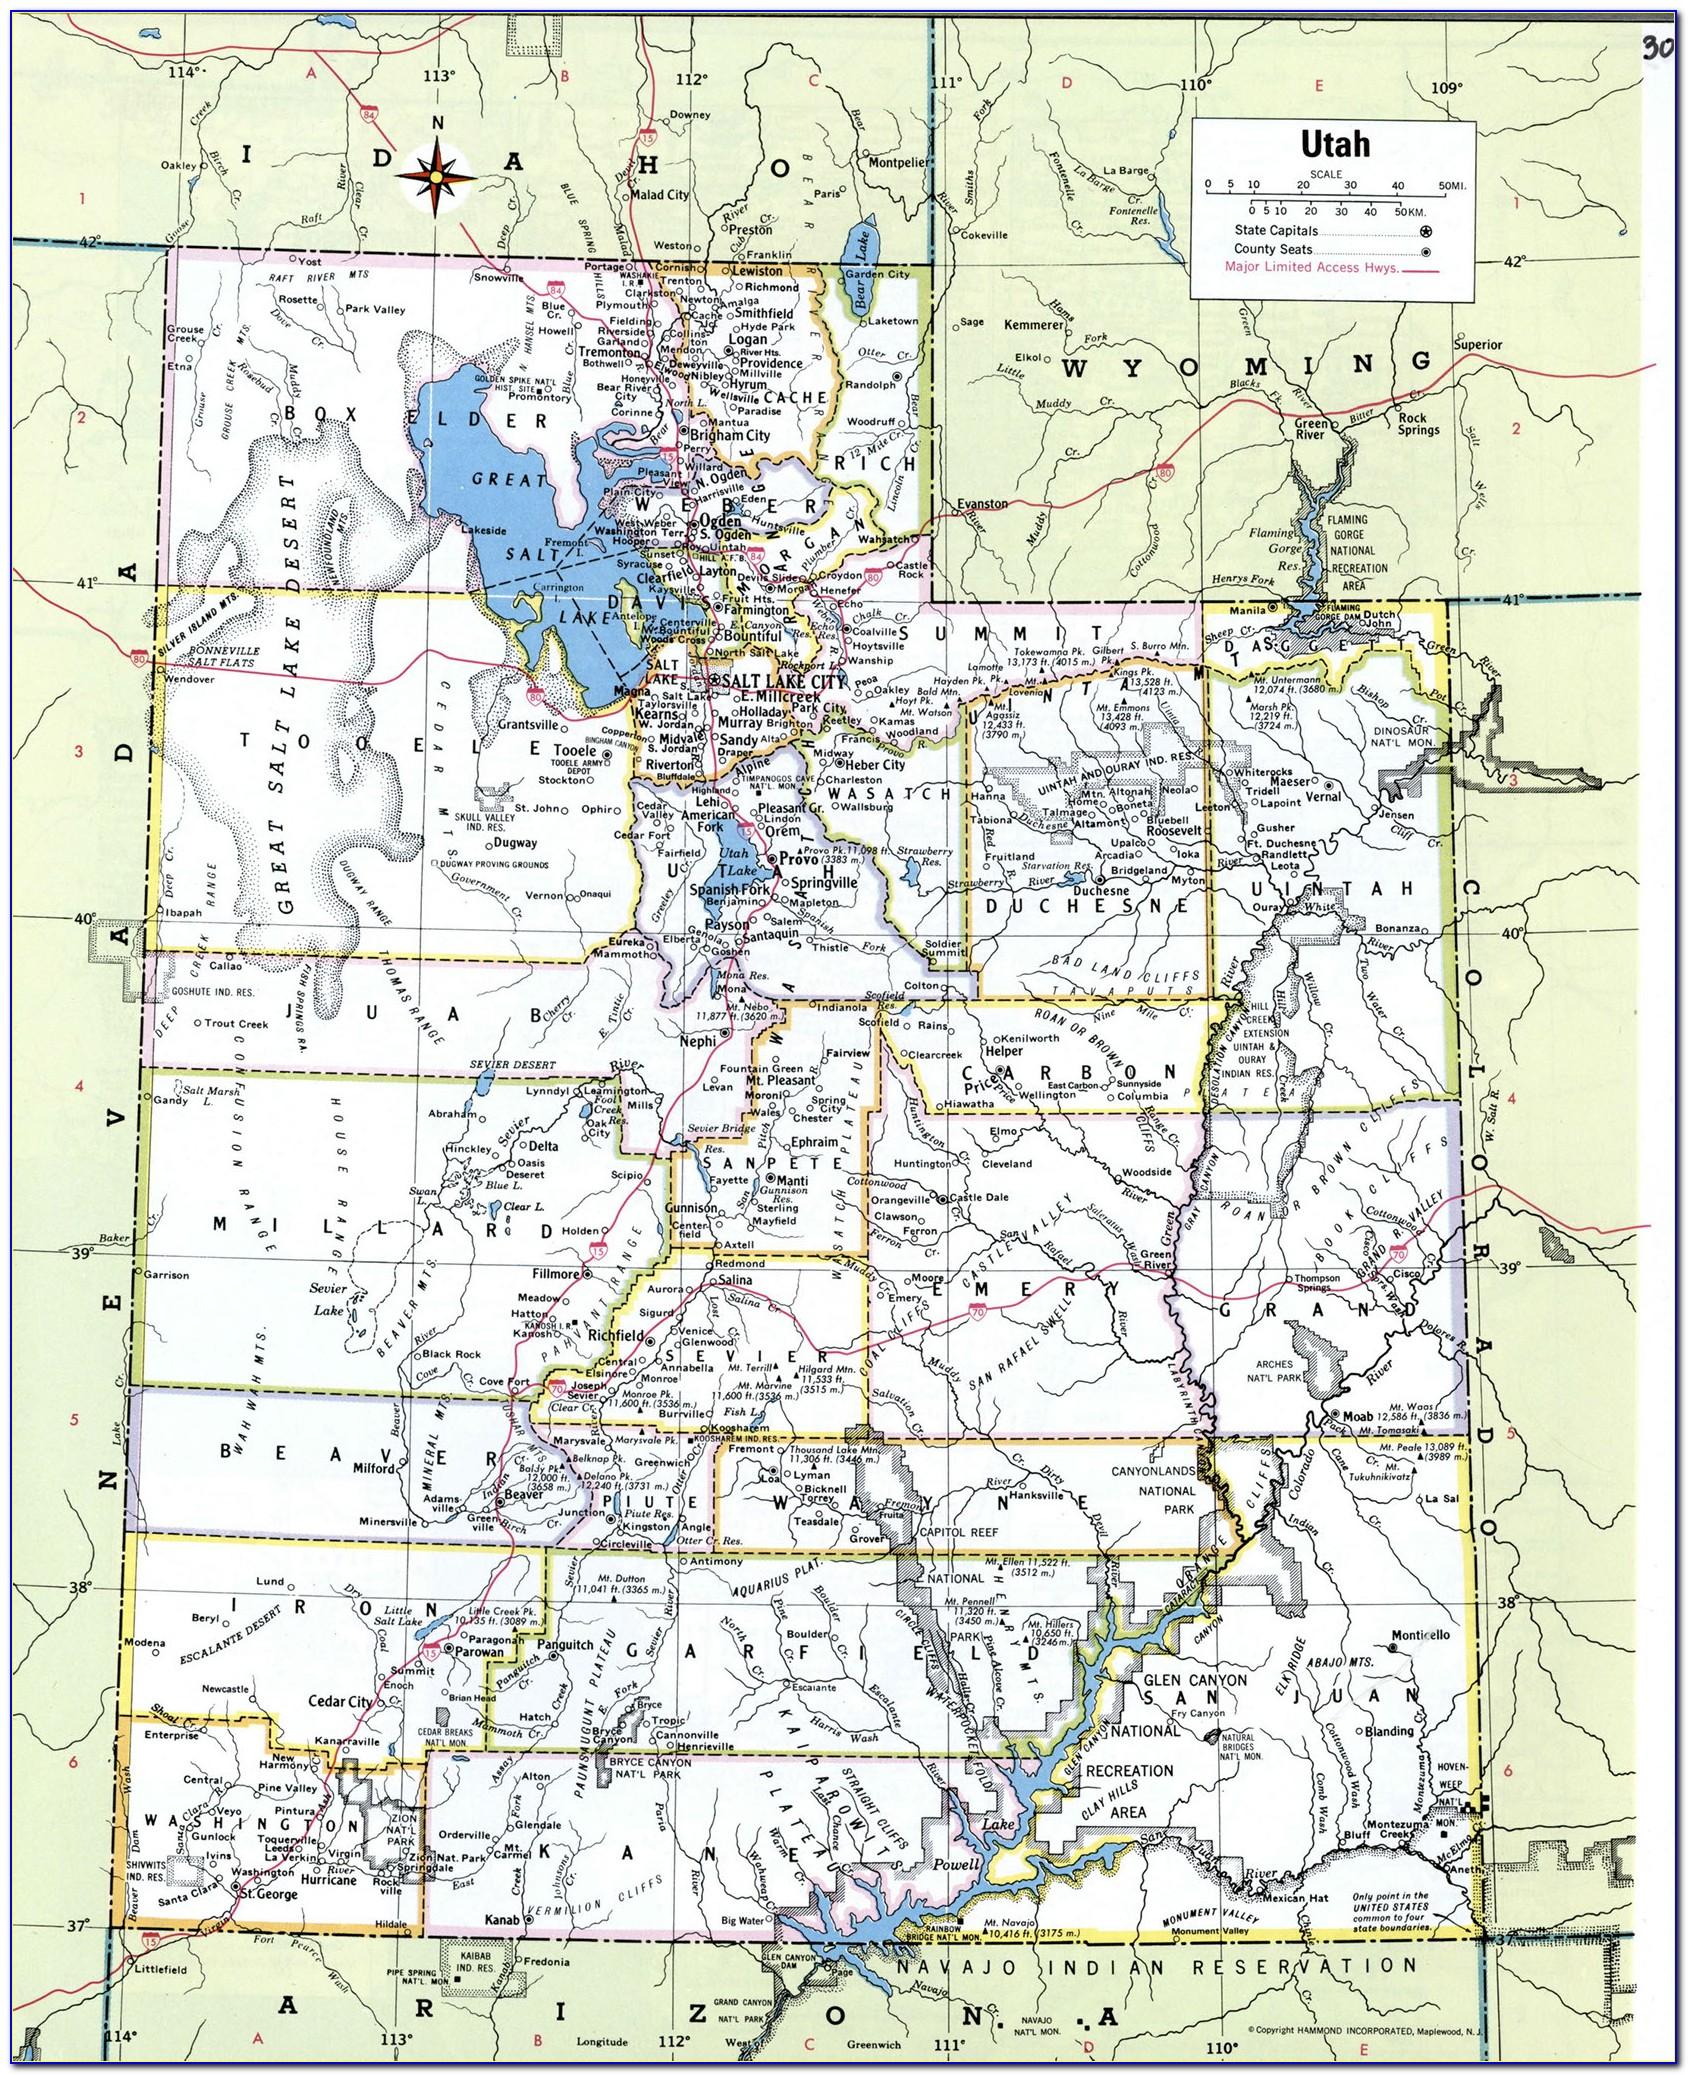 Utah Road Atlas Map